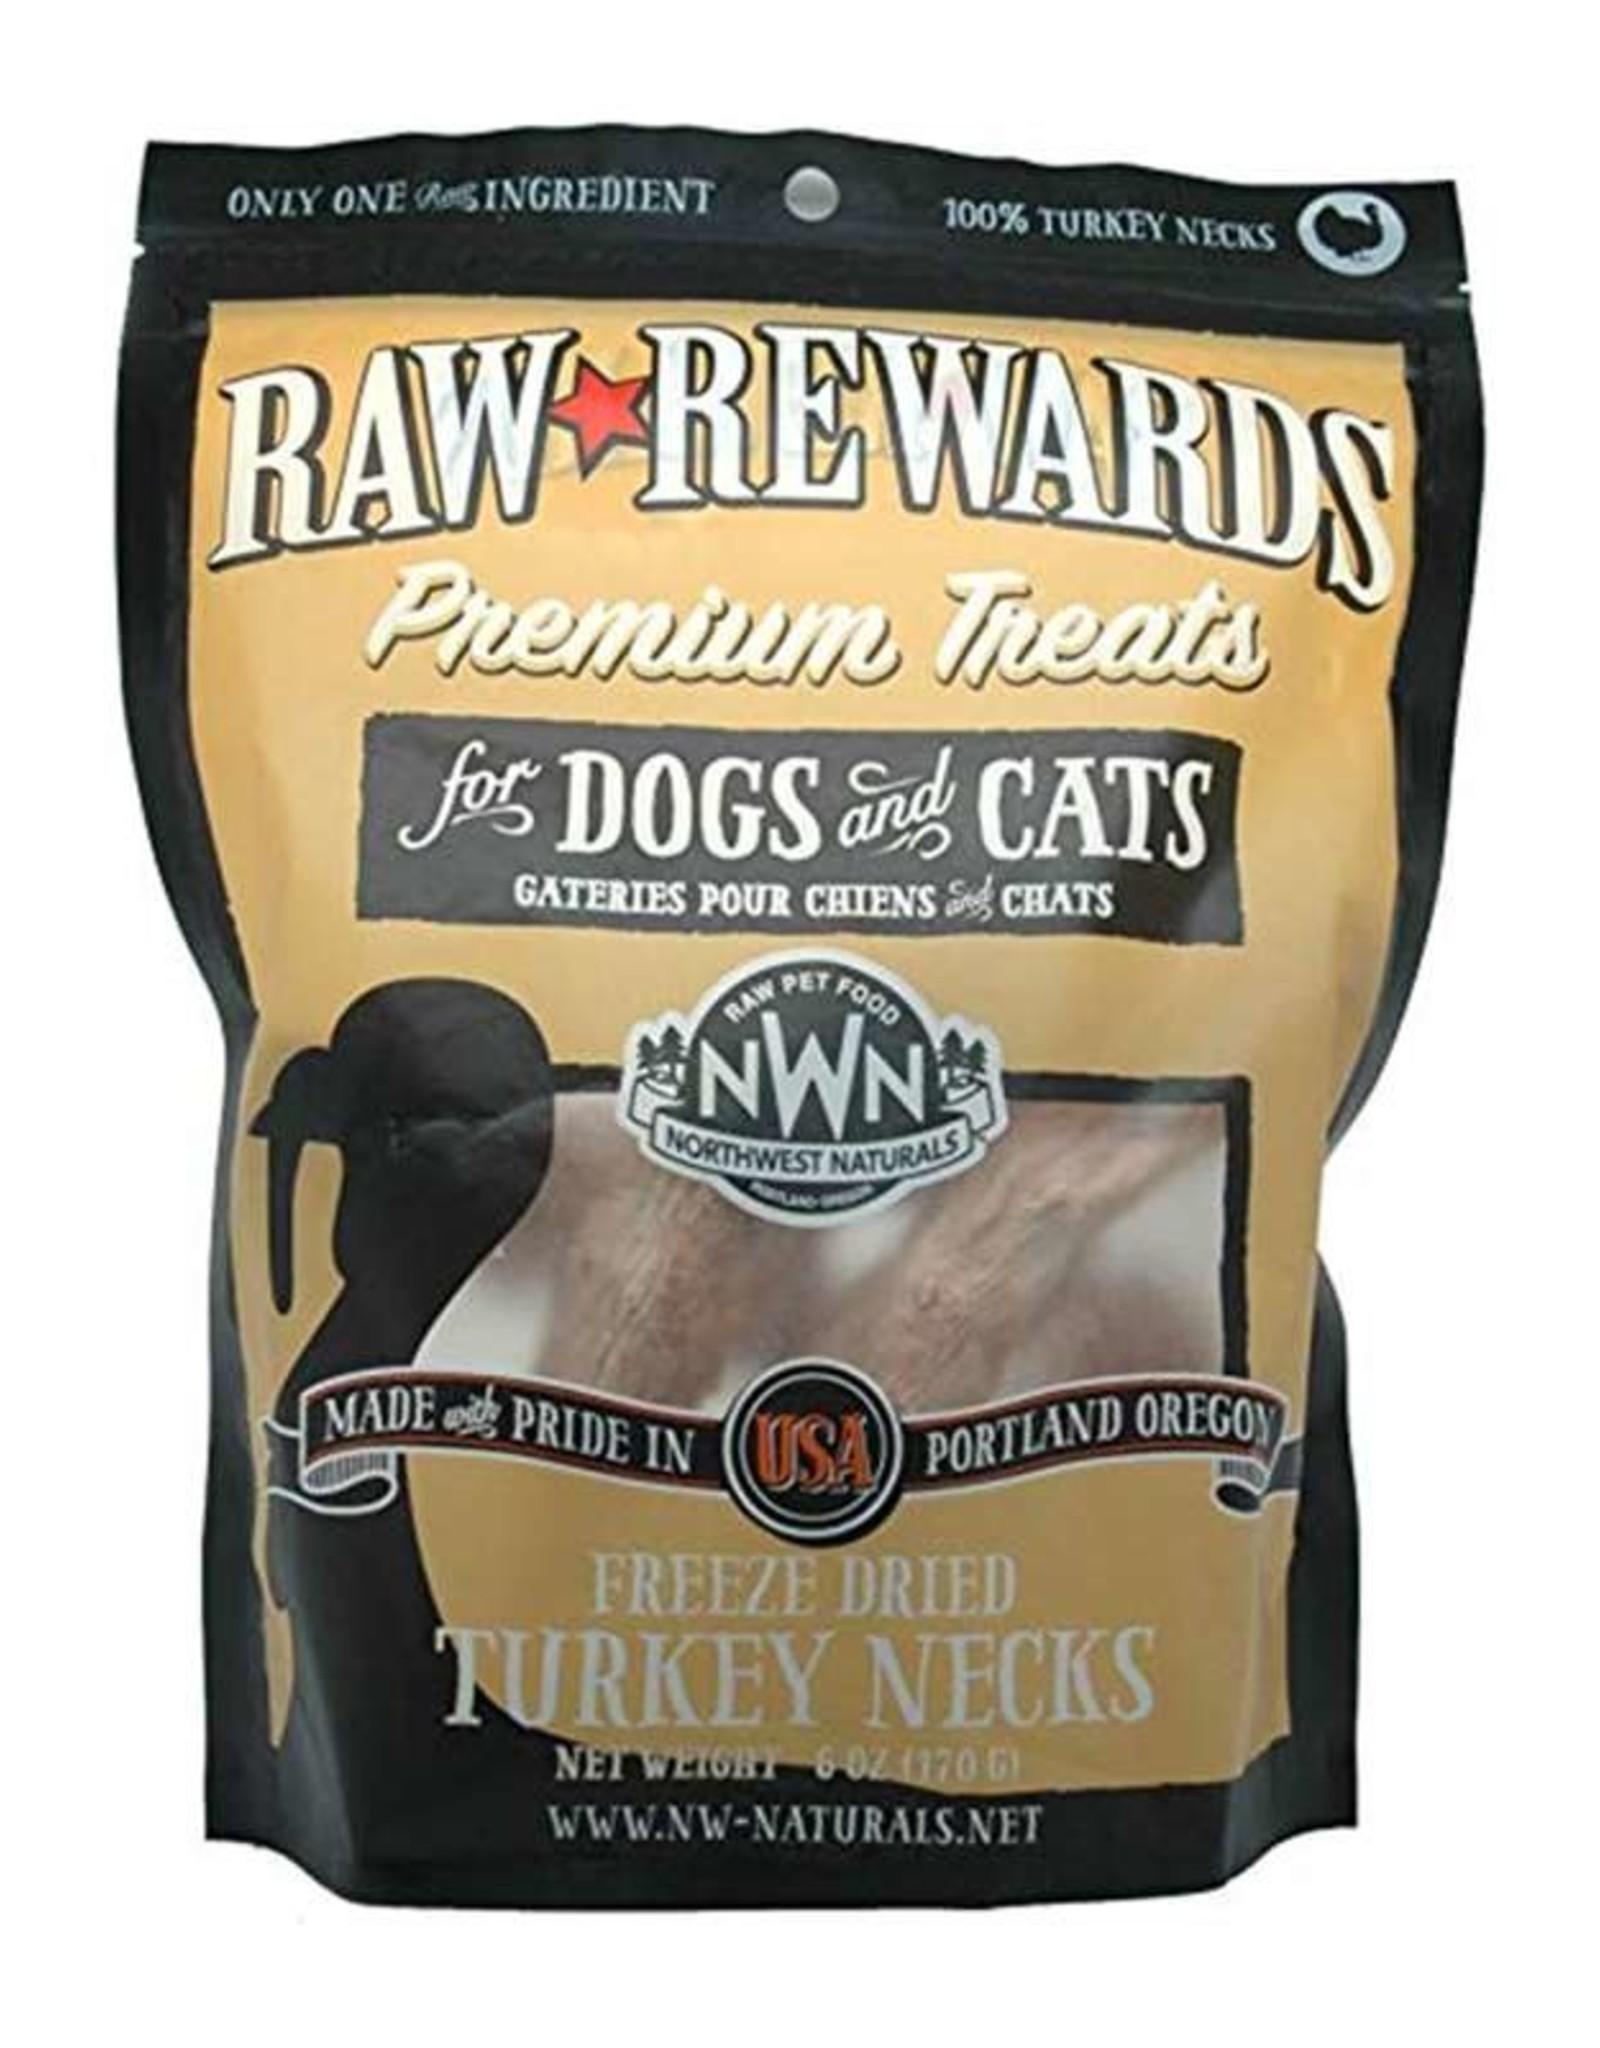 Northwest Naturals SALE - Northwest Naturals Freeze-Dried Turkey Necks 6oz